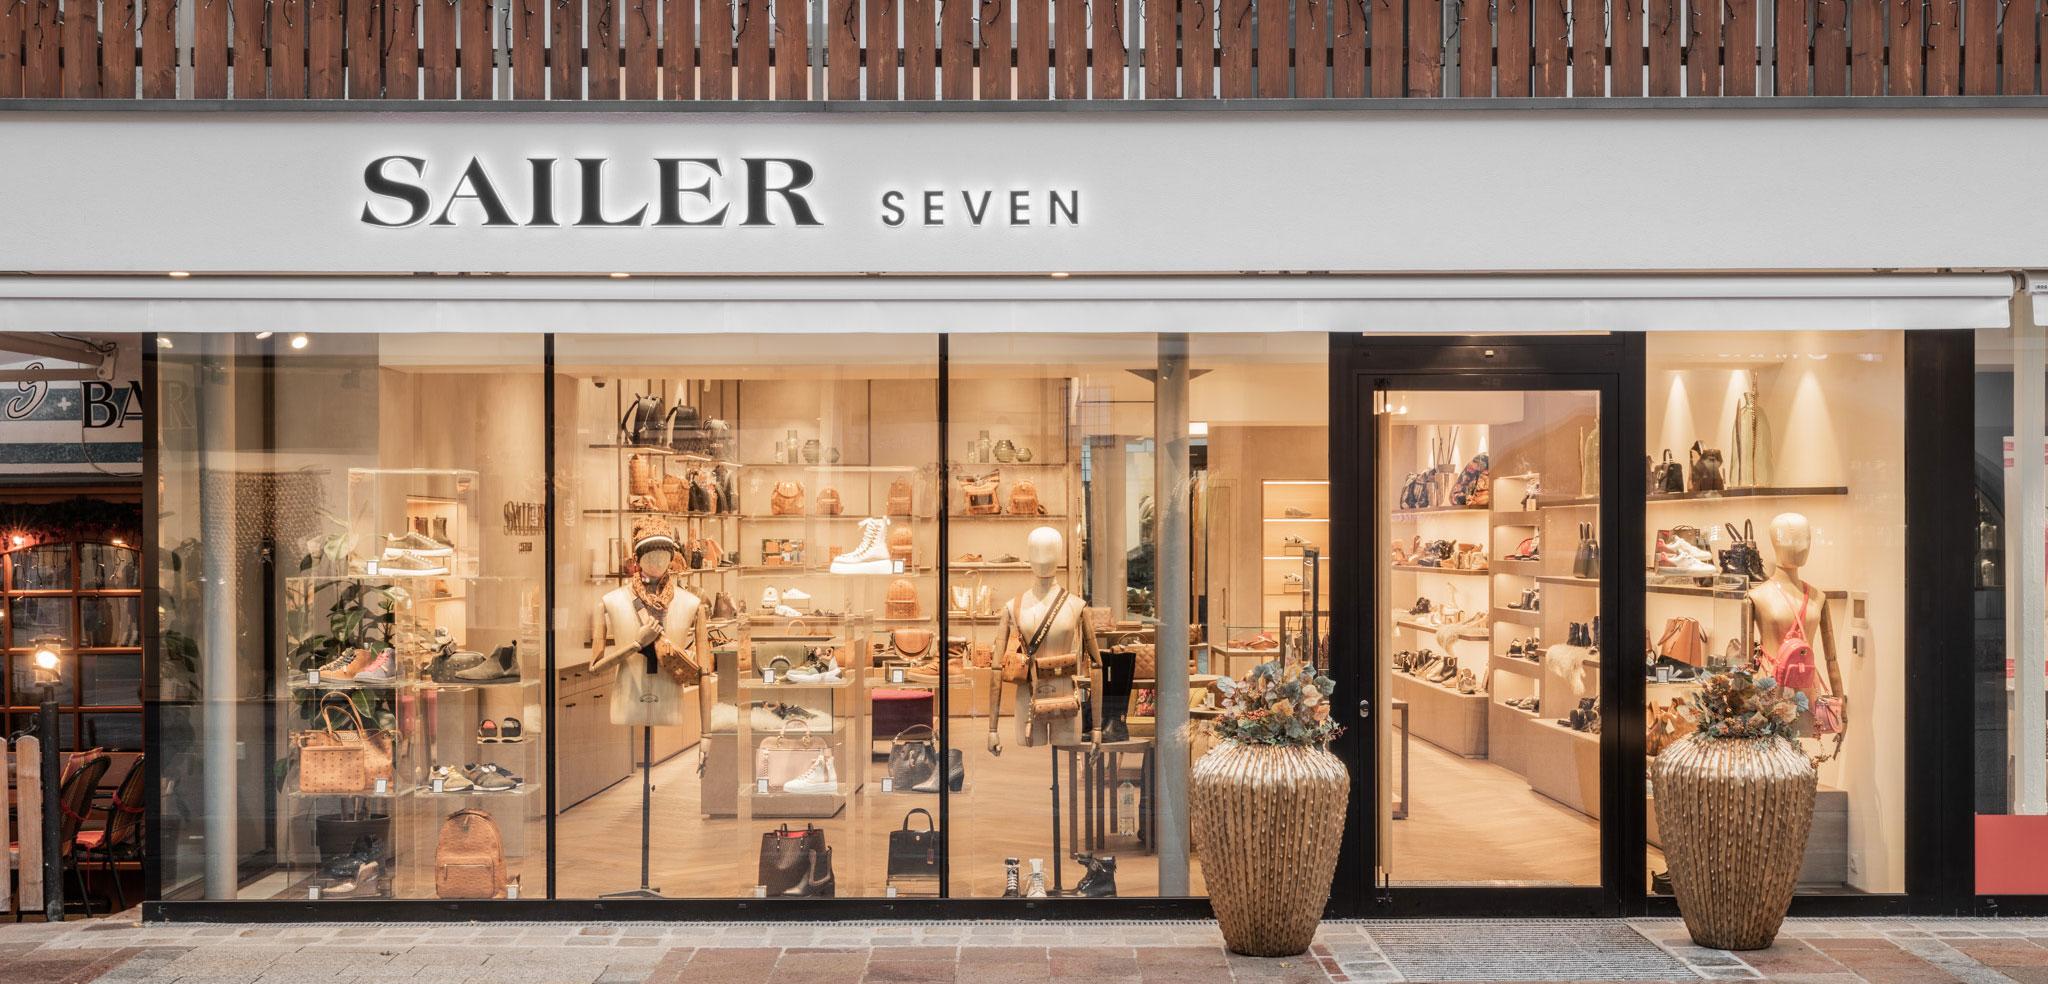 SAILER SEVEN